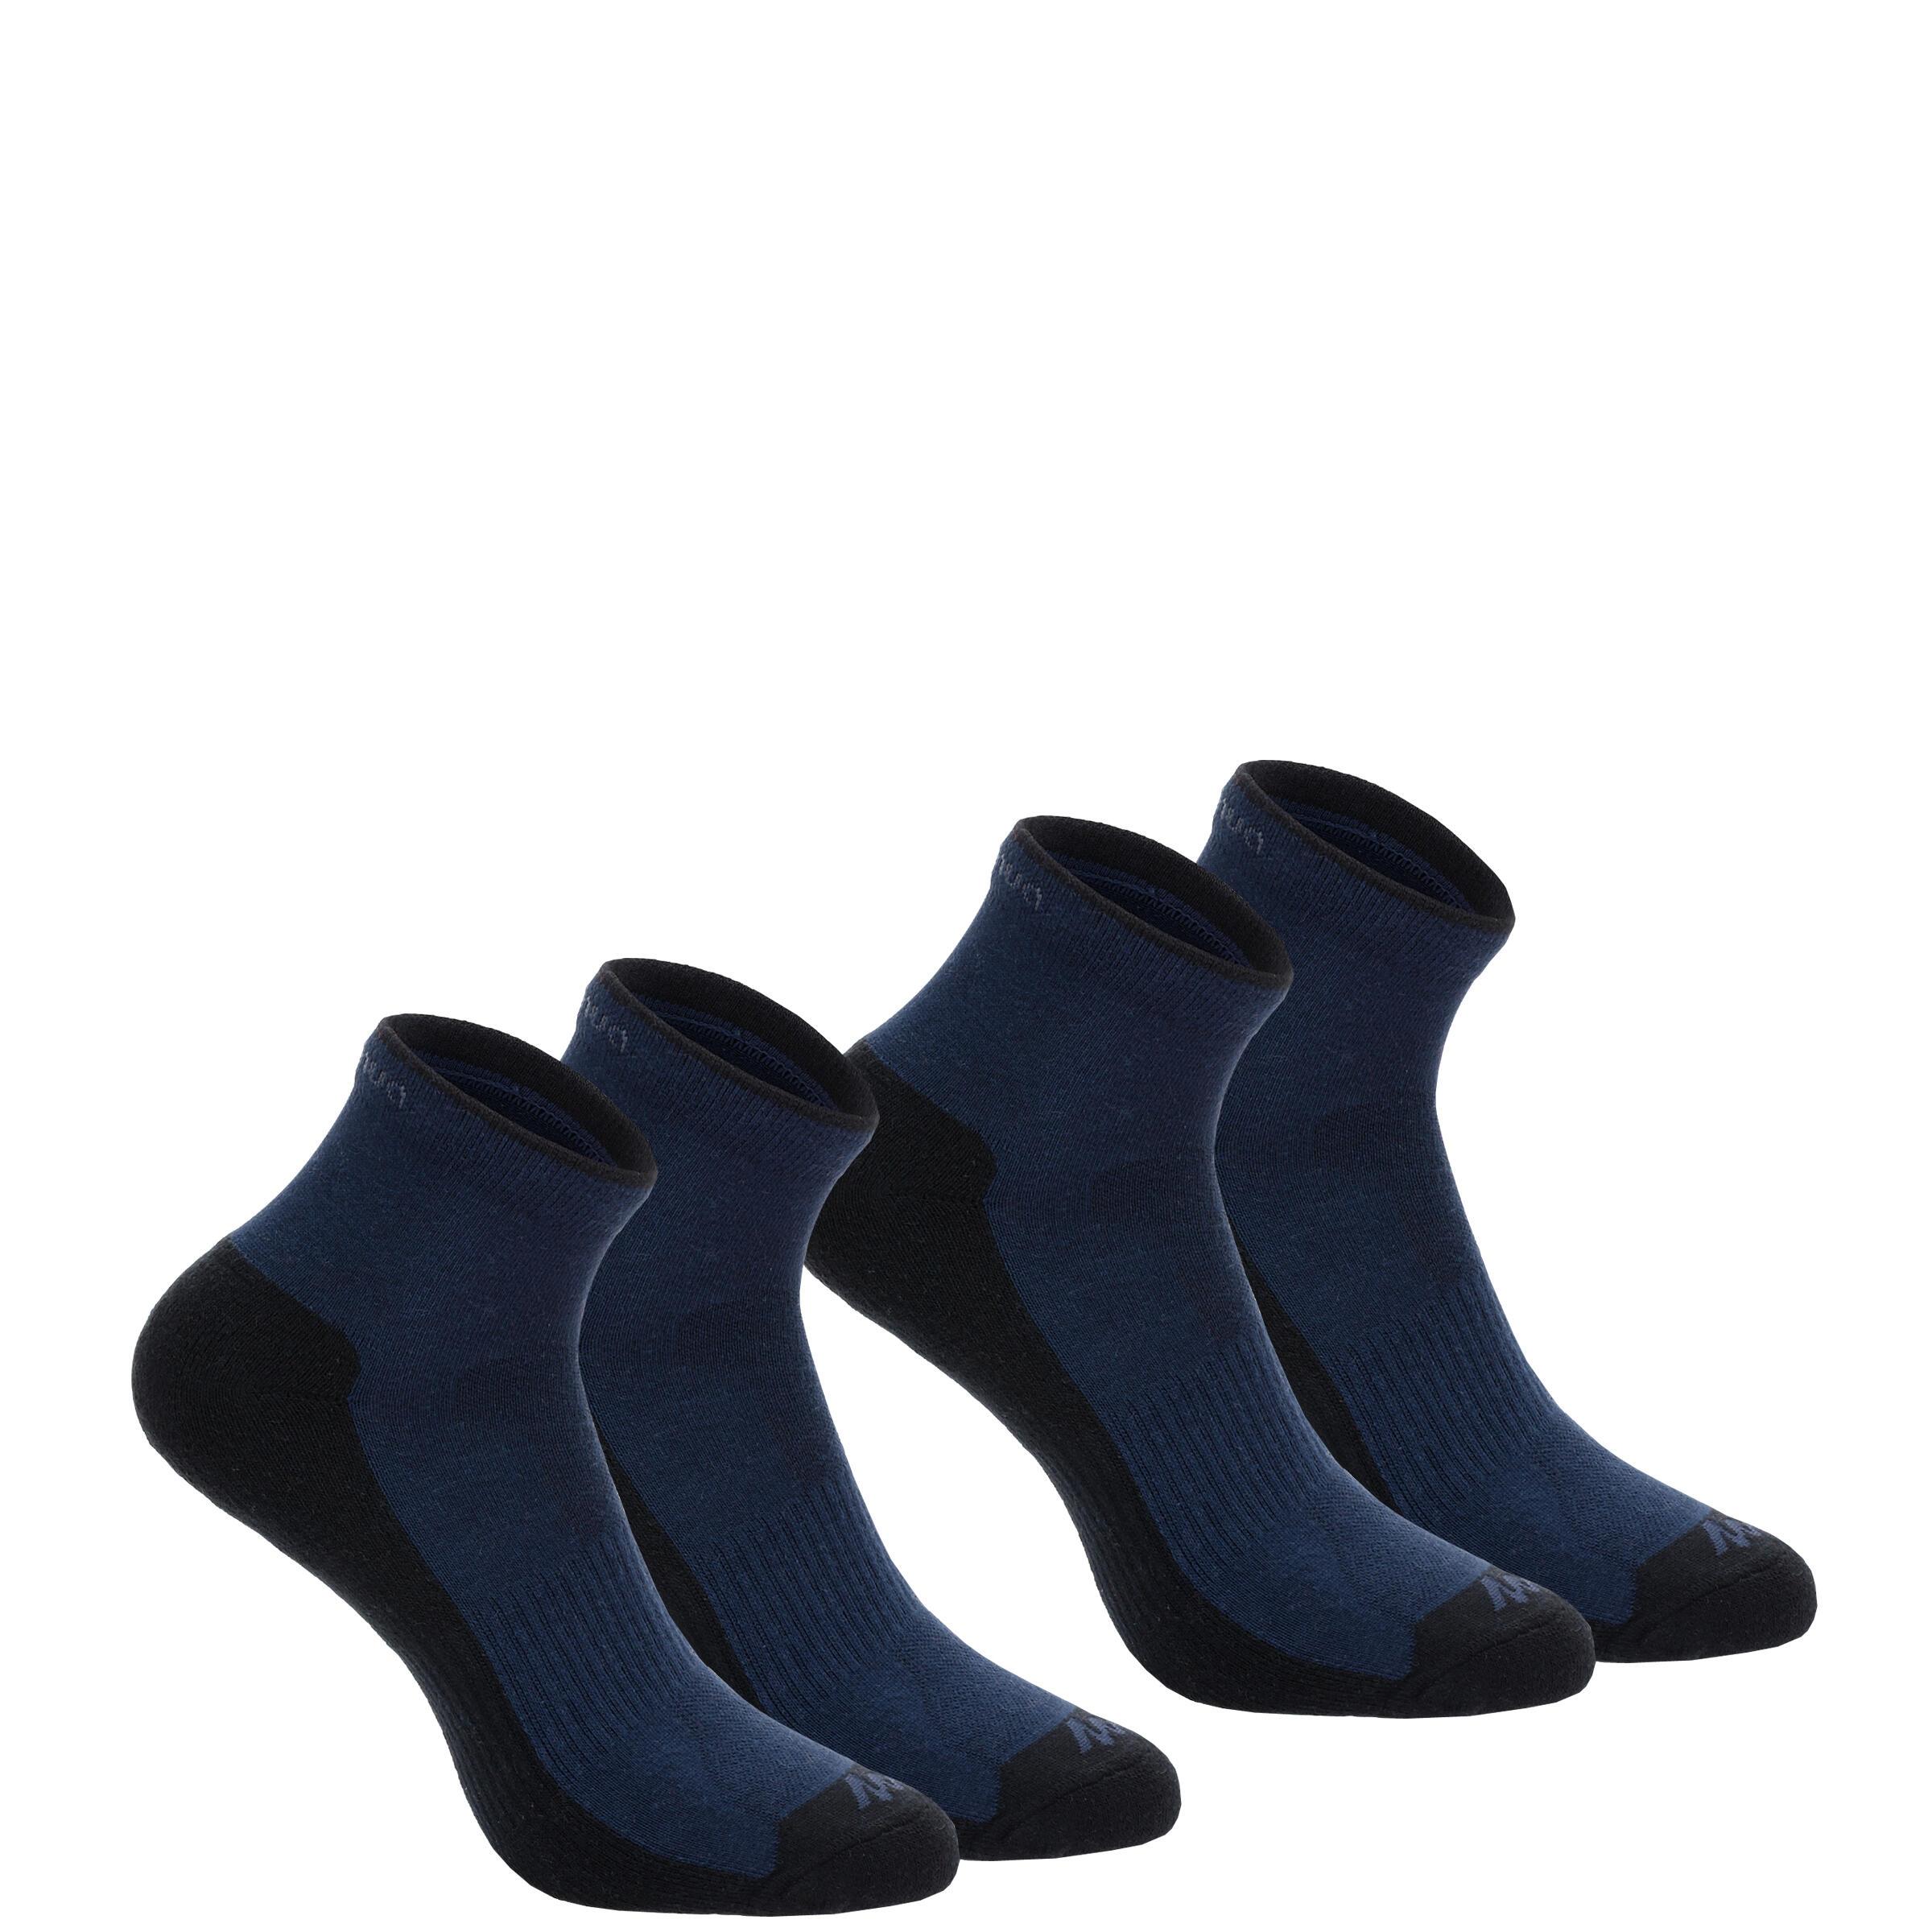 2 pares de calcetines de campismo en planicie adulto Arpenaz 50 Mid azul oscuro